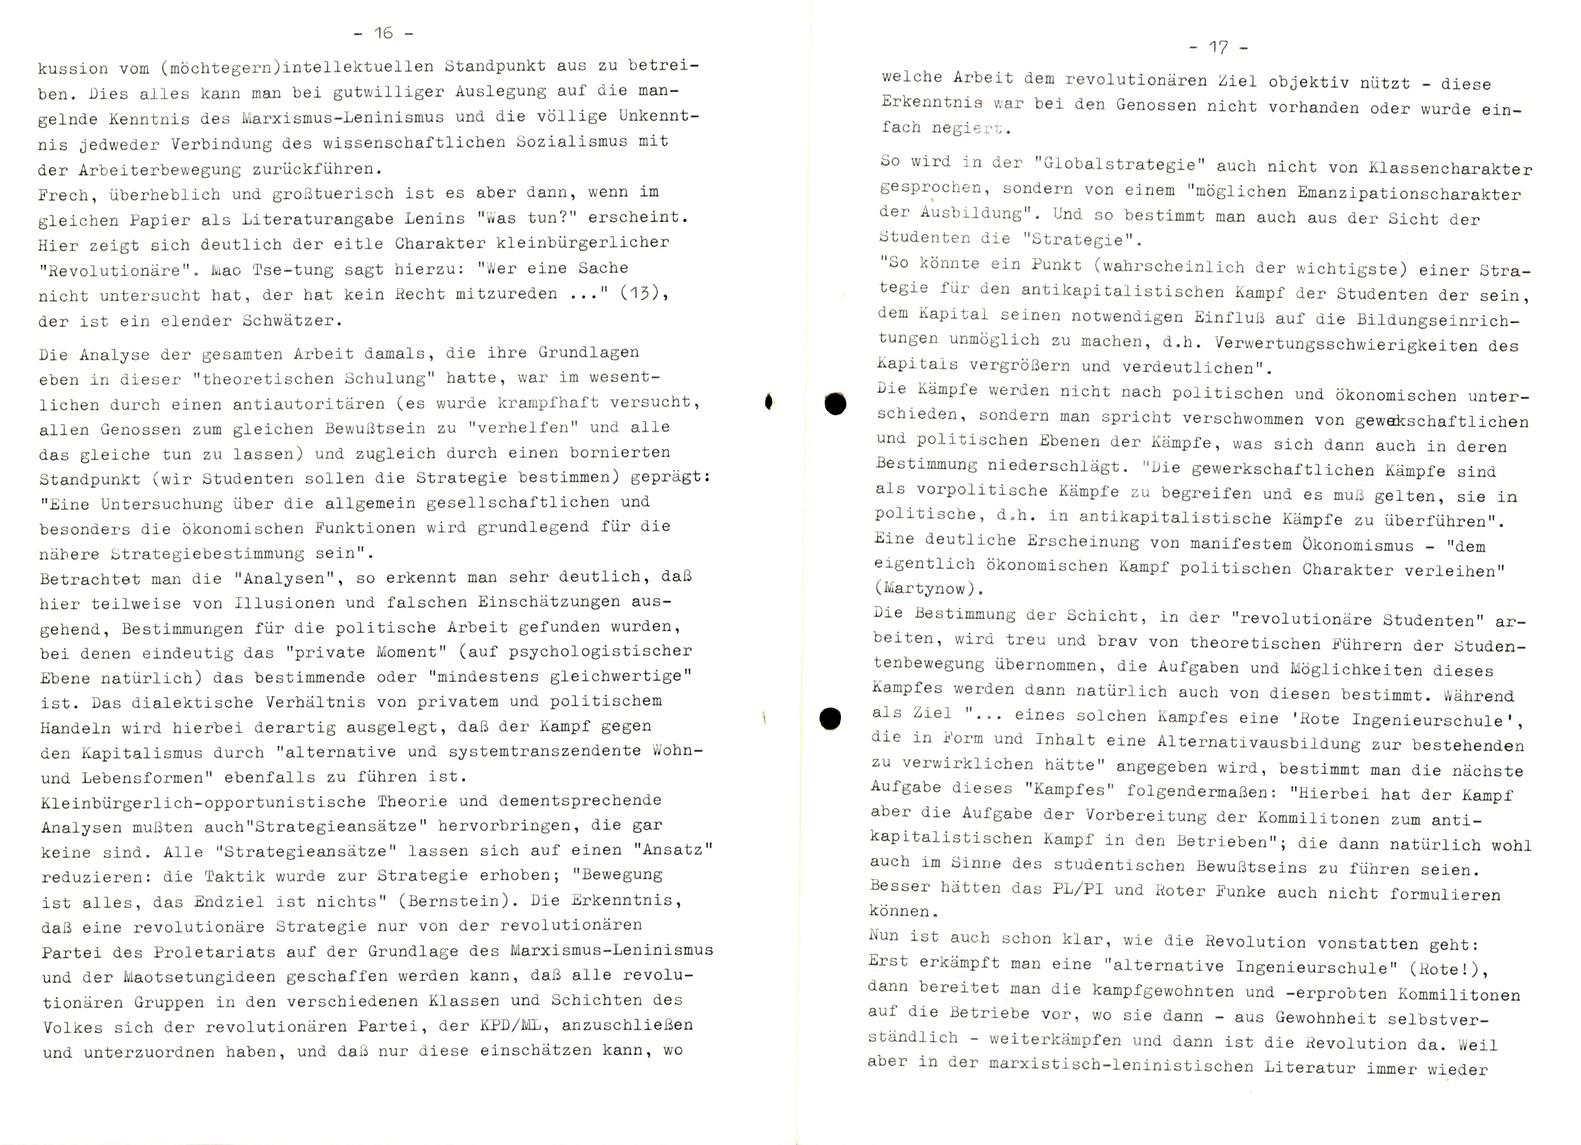 Aachen_KSBML_1971_Selbstkritik_10